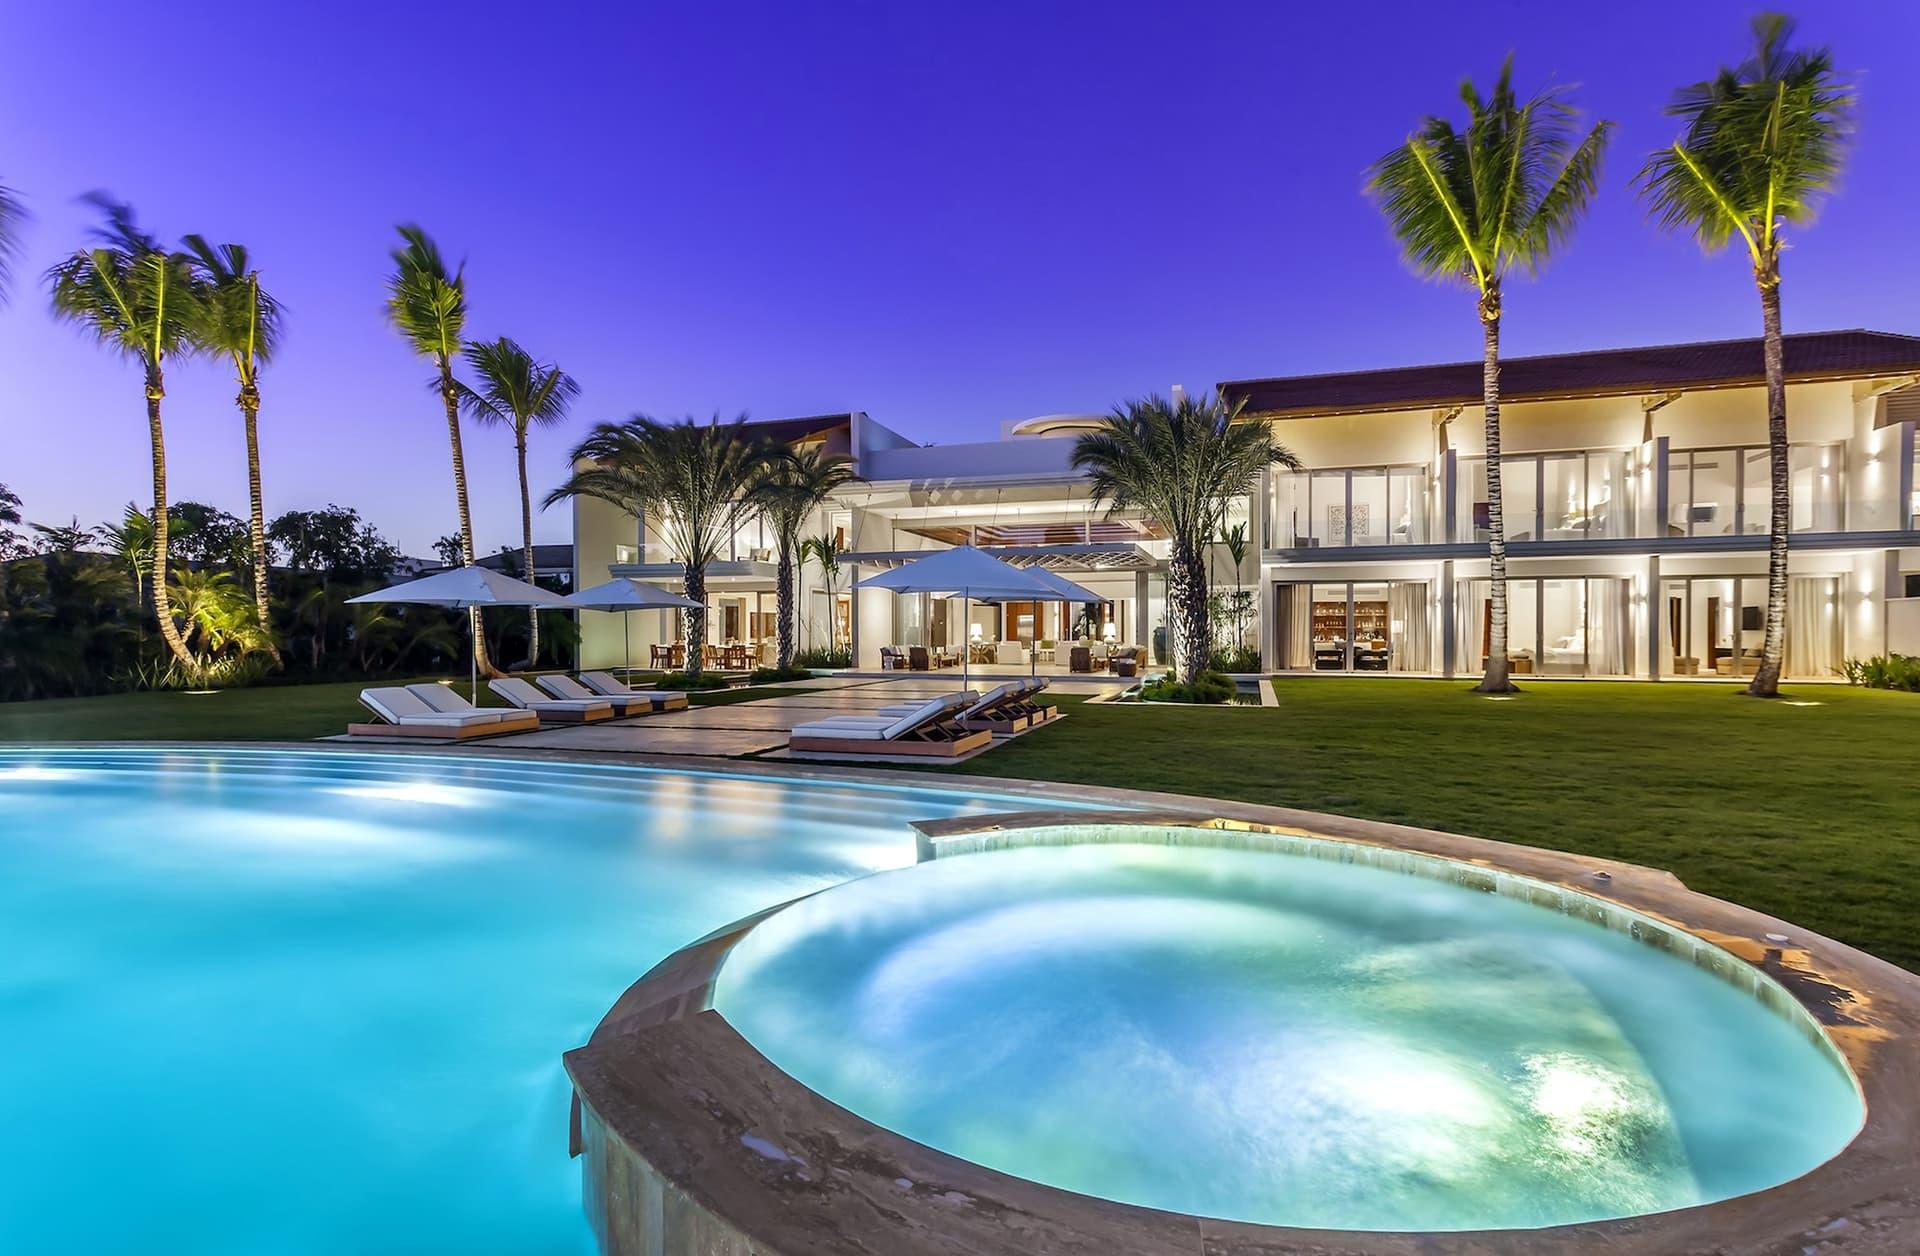 5 hôtels de luxe pour vos prochaines vacances